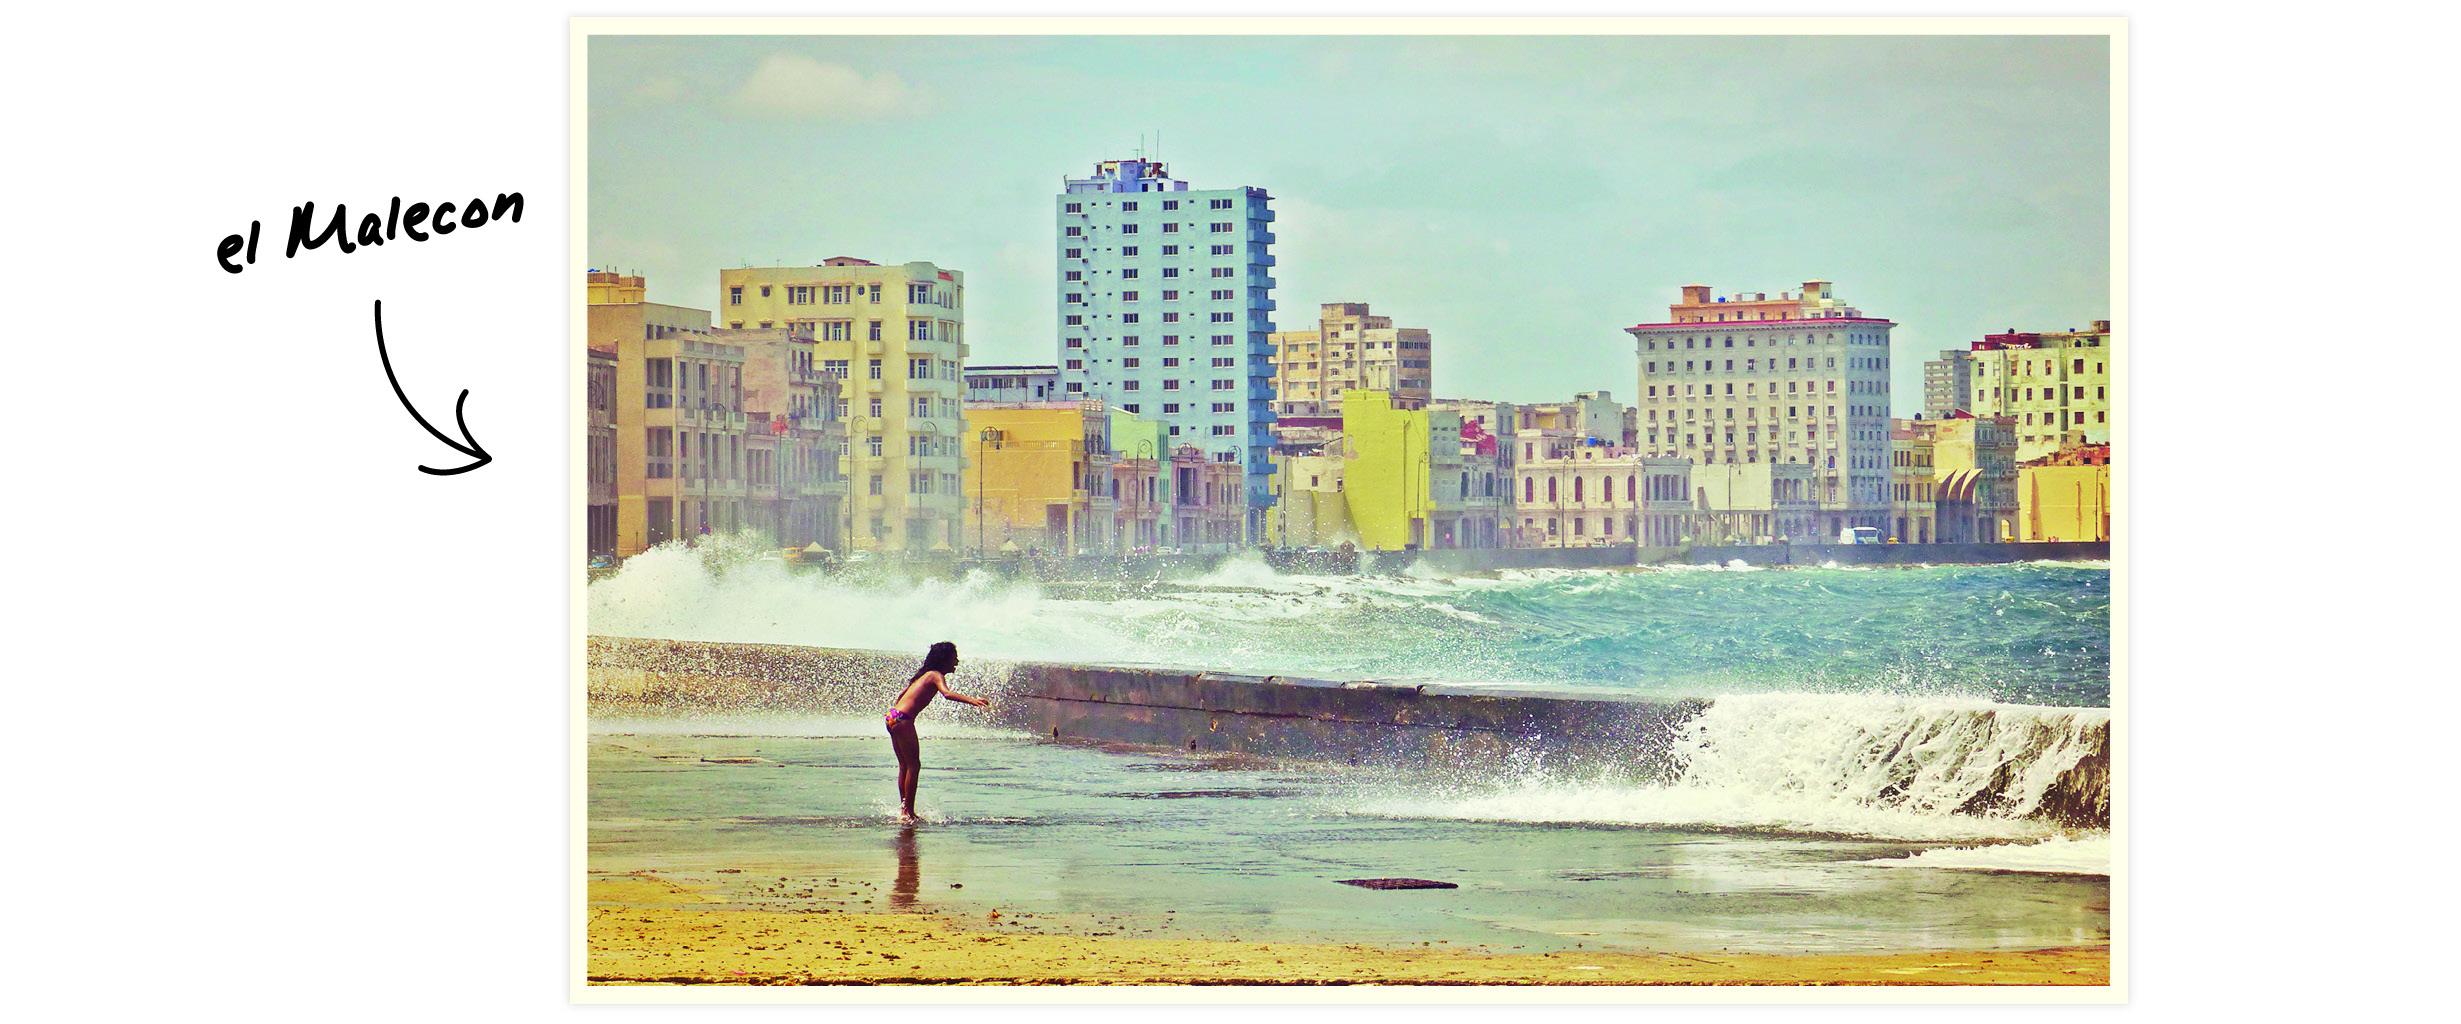 cuba, caraïbes, voyage, île, Havana, la havane, el malecon, mer, enfant, cubaine, vague, immeuble,